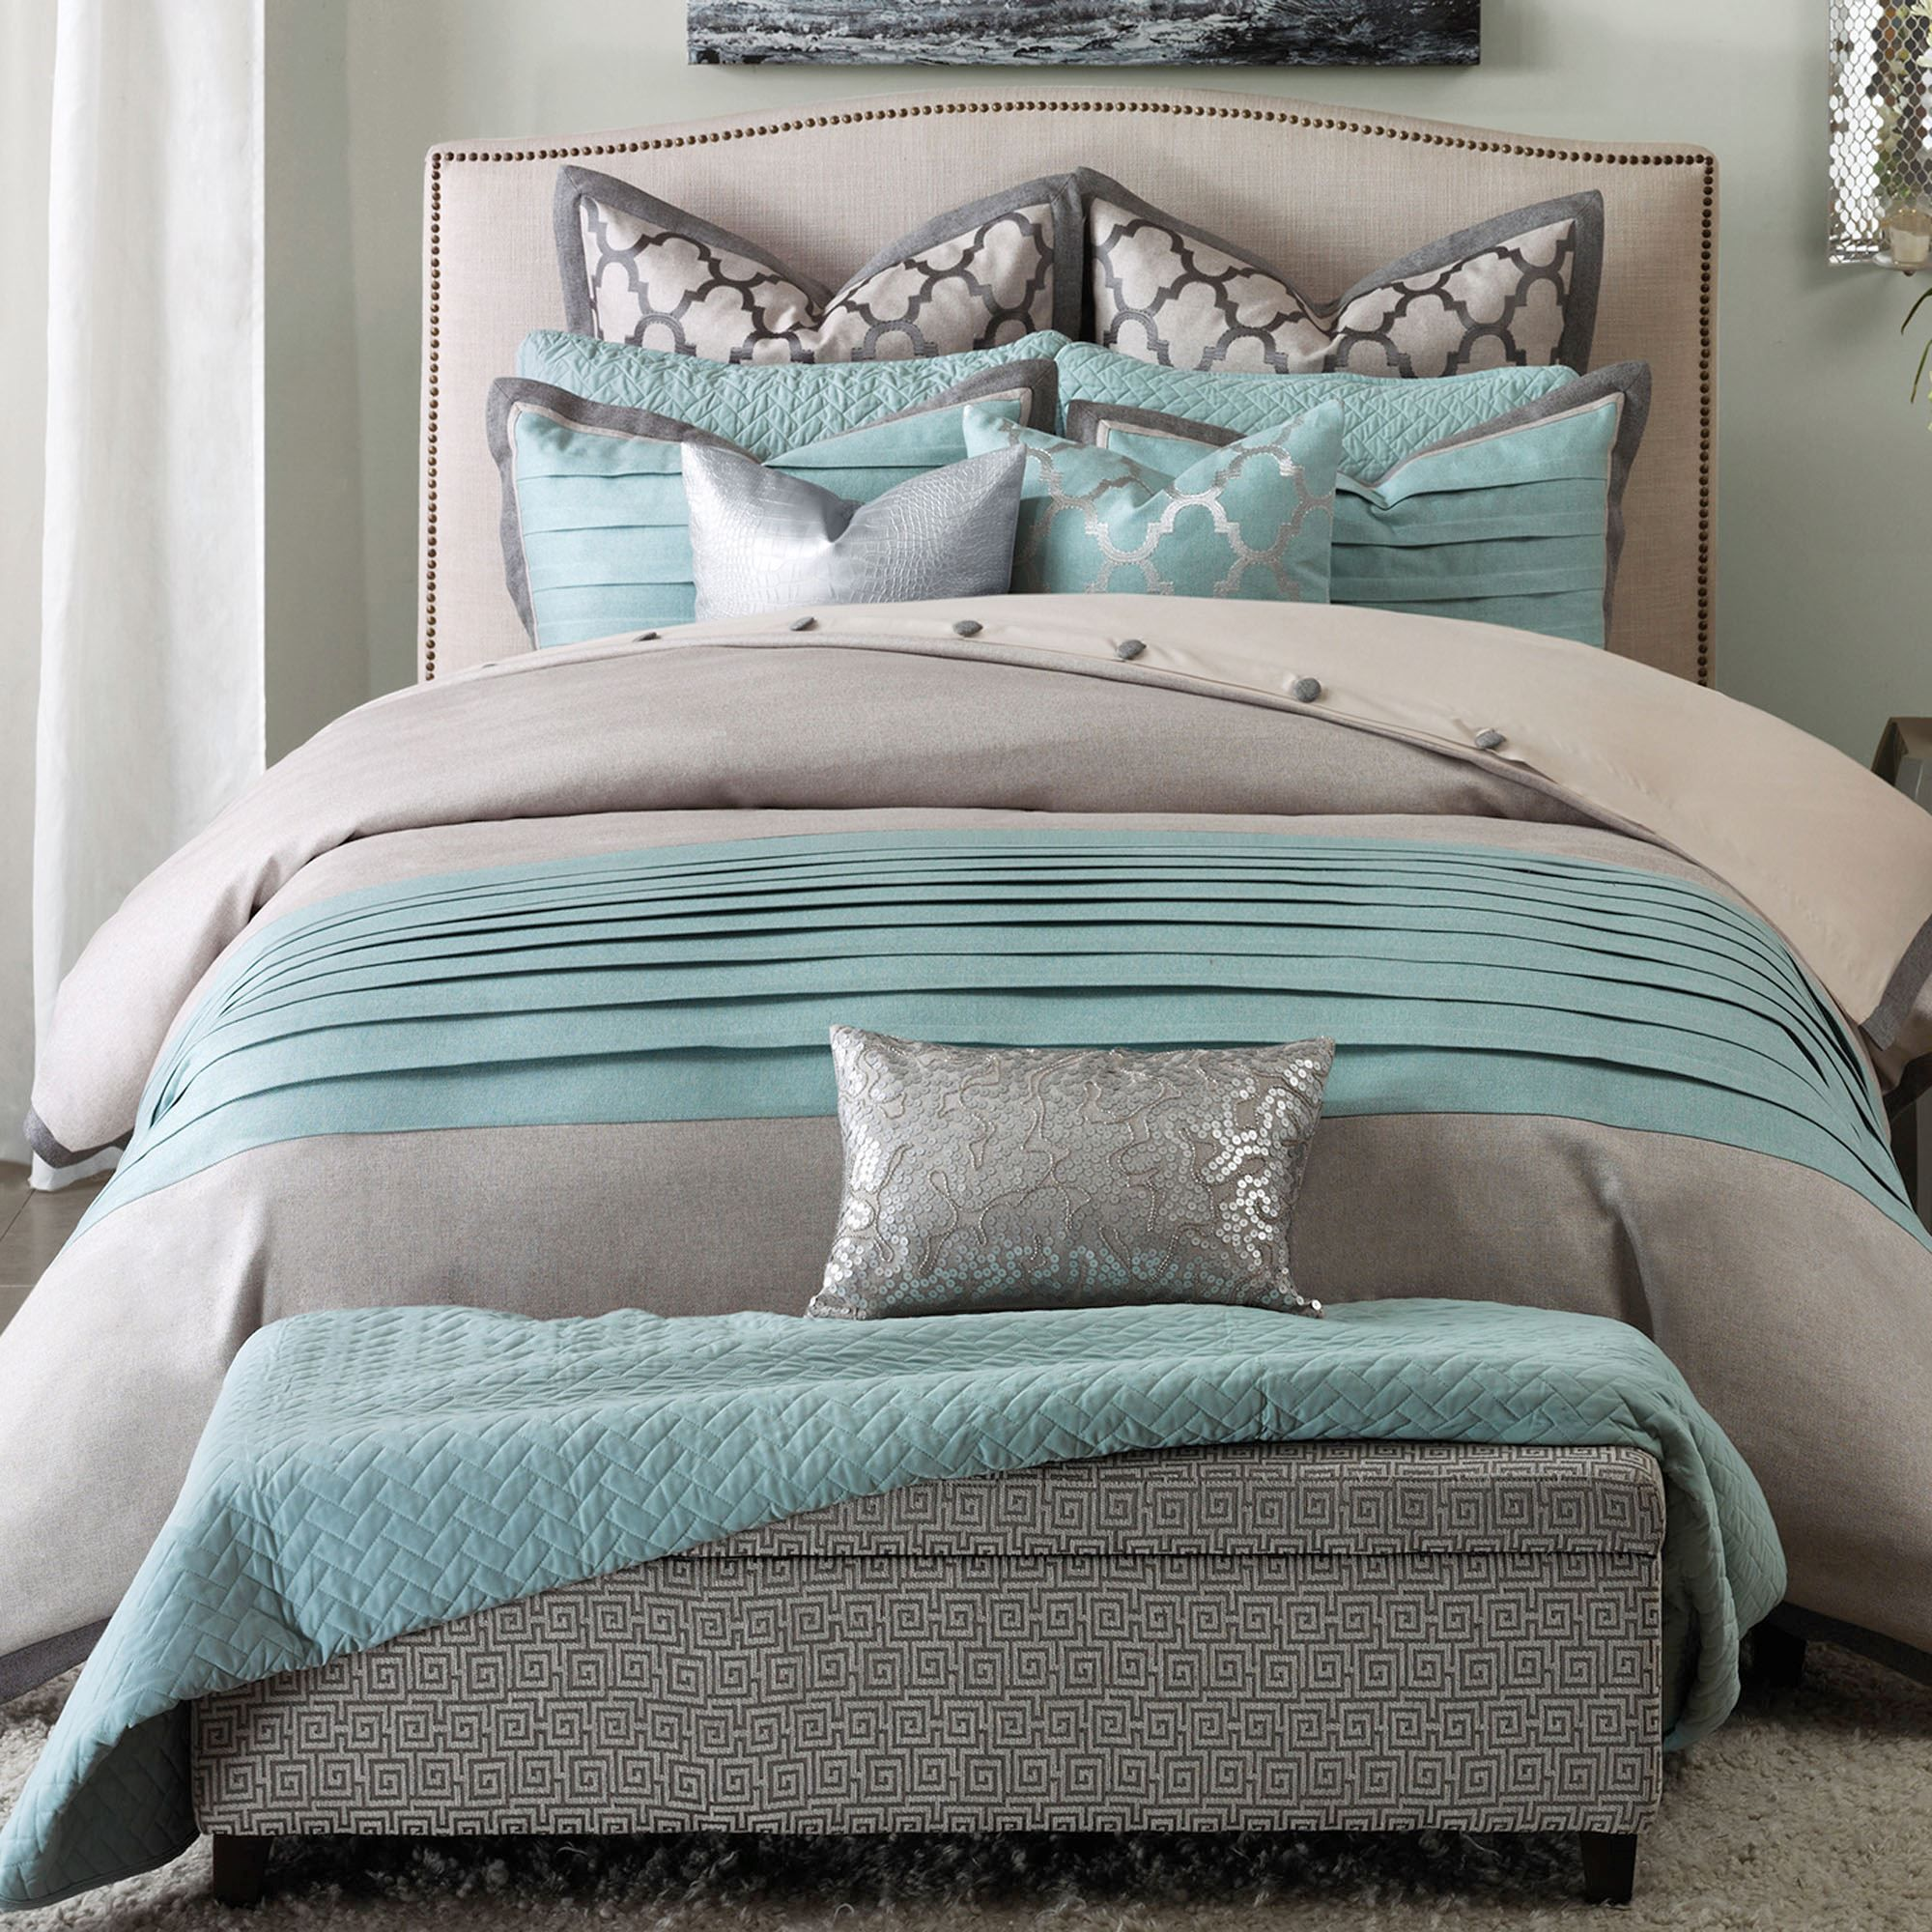 Sorina Modern 7 10 Pc Comforter Bed Set Comforter Sets Comfortable Bedroom Bedding Sets